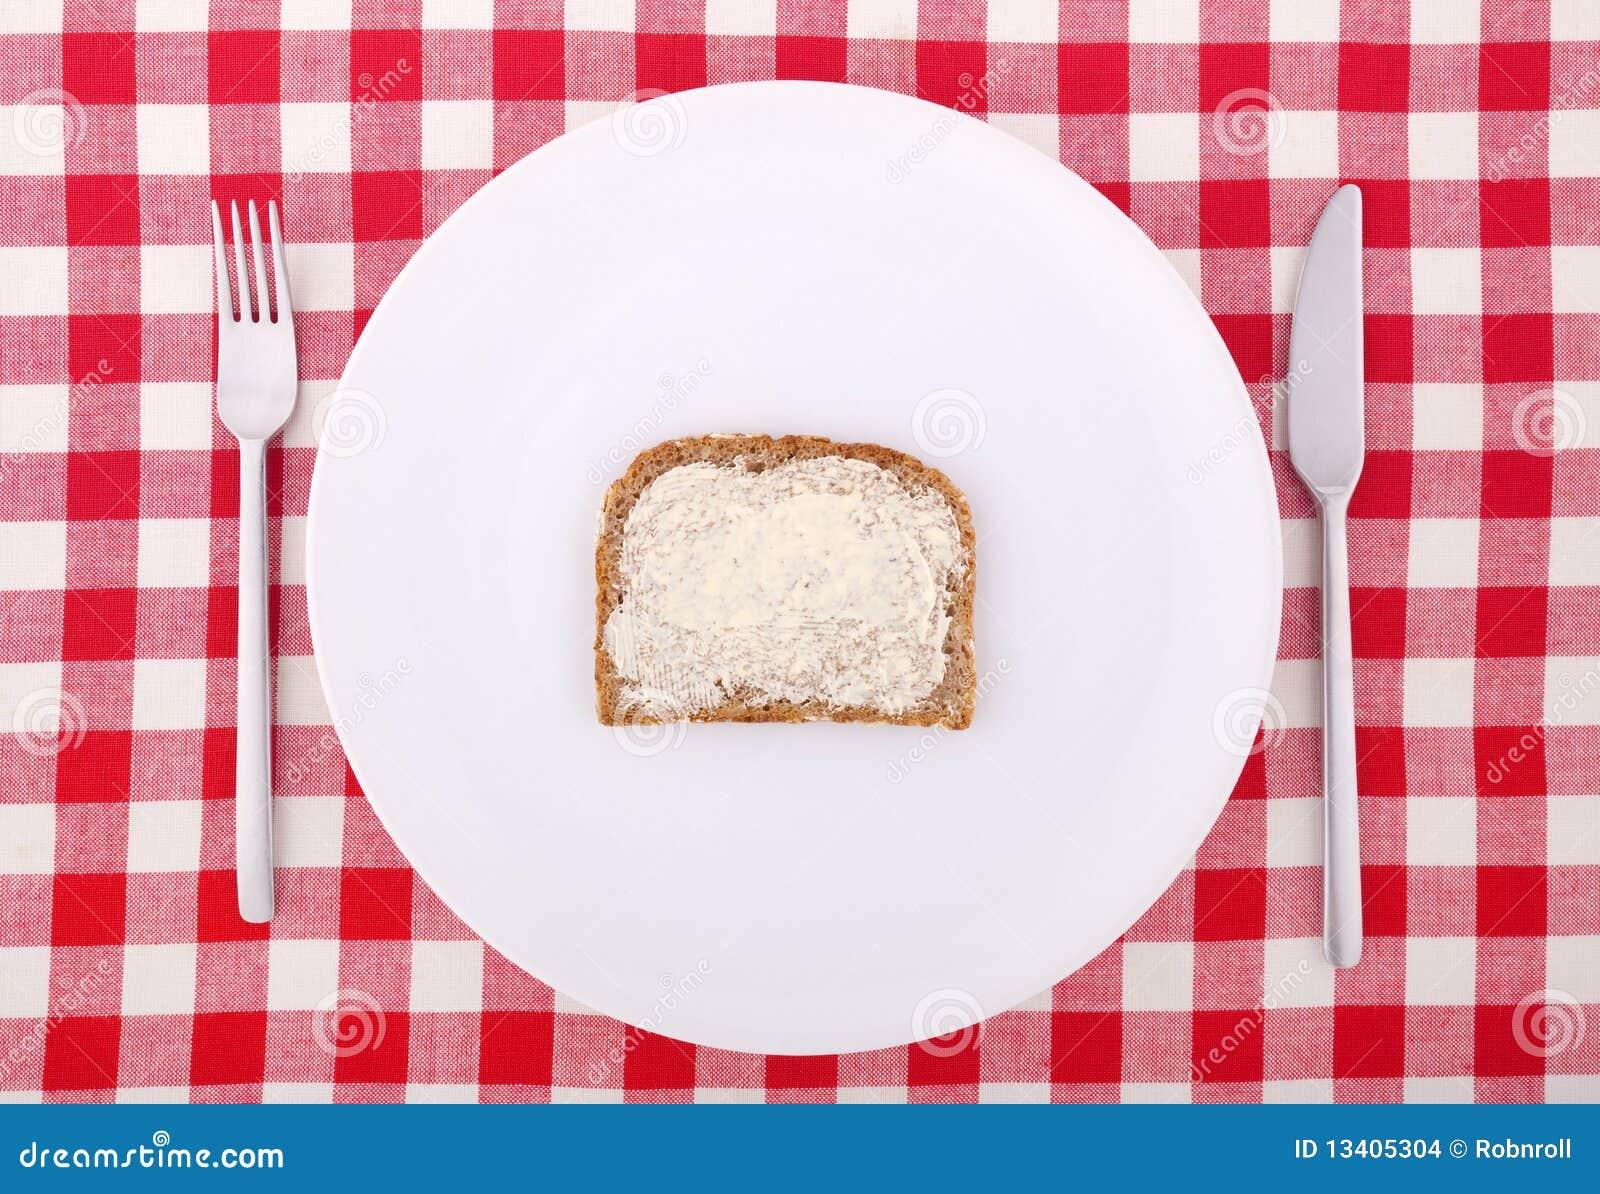 Fourchette, couteau et une part de pain beurrée